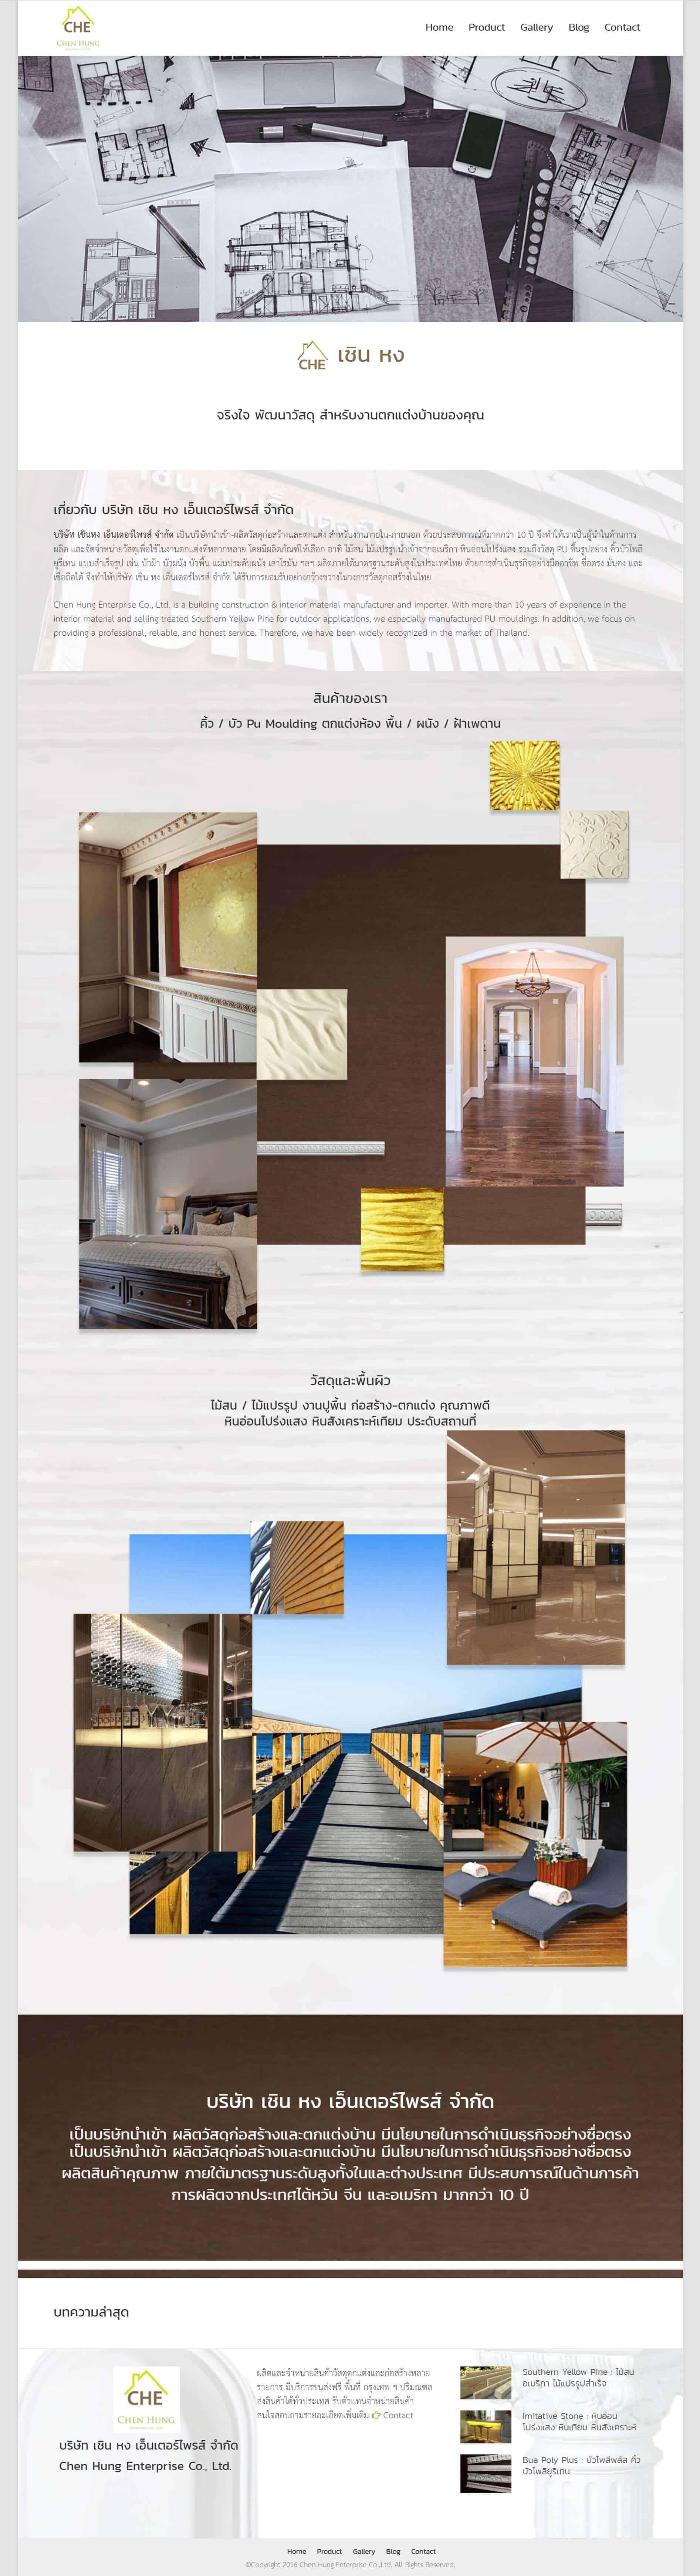 วัสดุตกแต่งบ้าน Chen hung | บริการรับทำเว็บไซต์ ออกแบบเว็บไซต์ teeneeweb.com